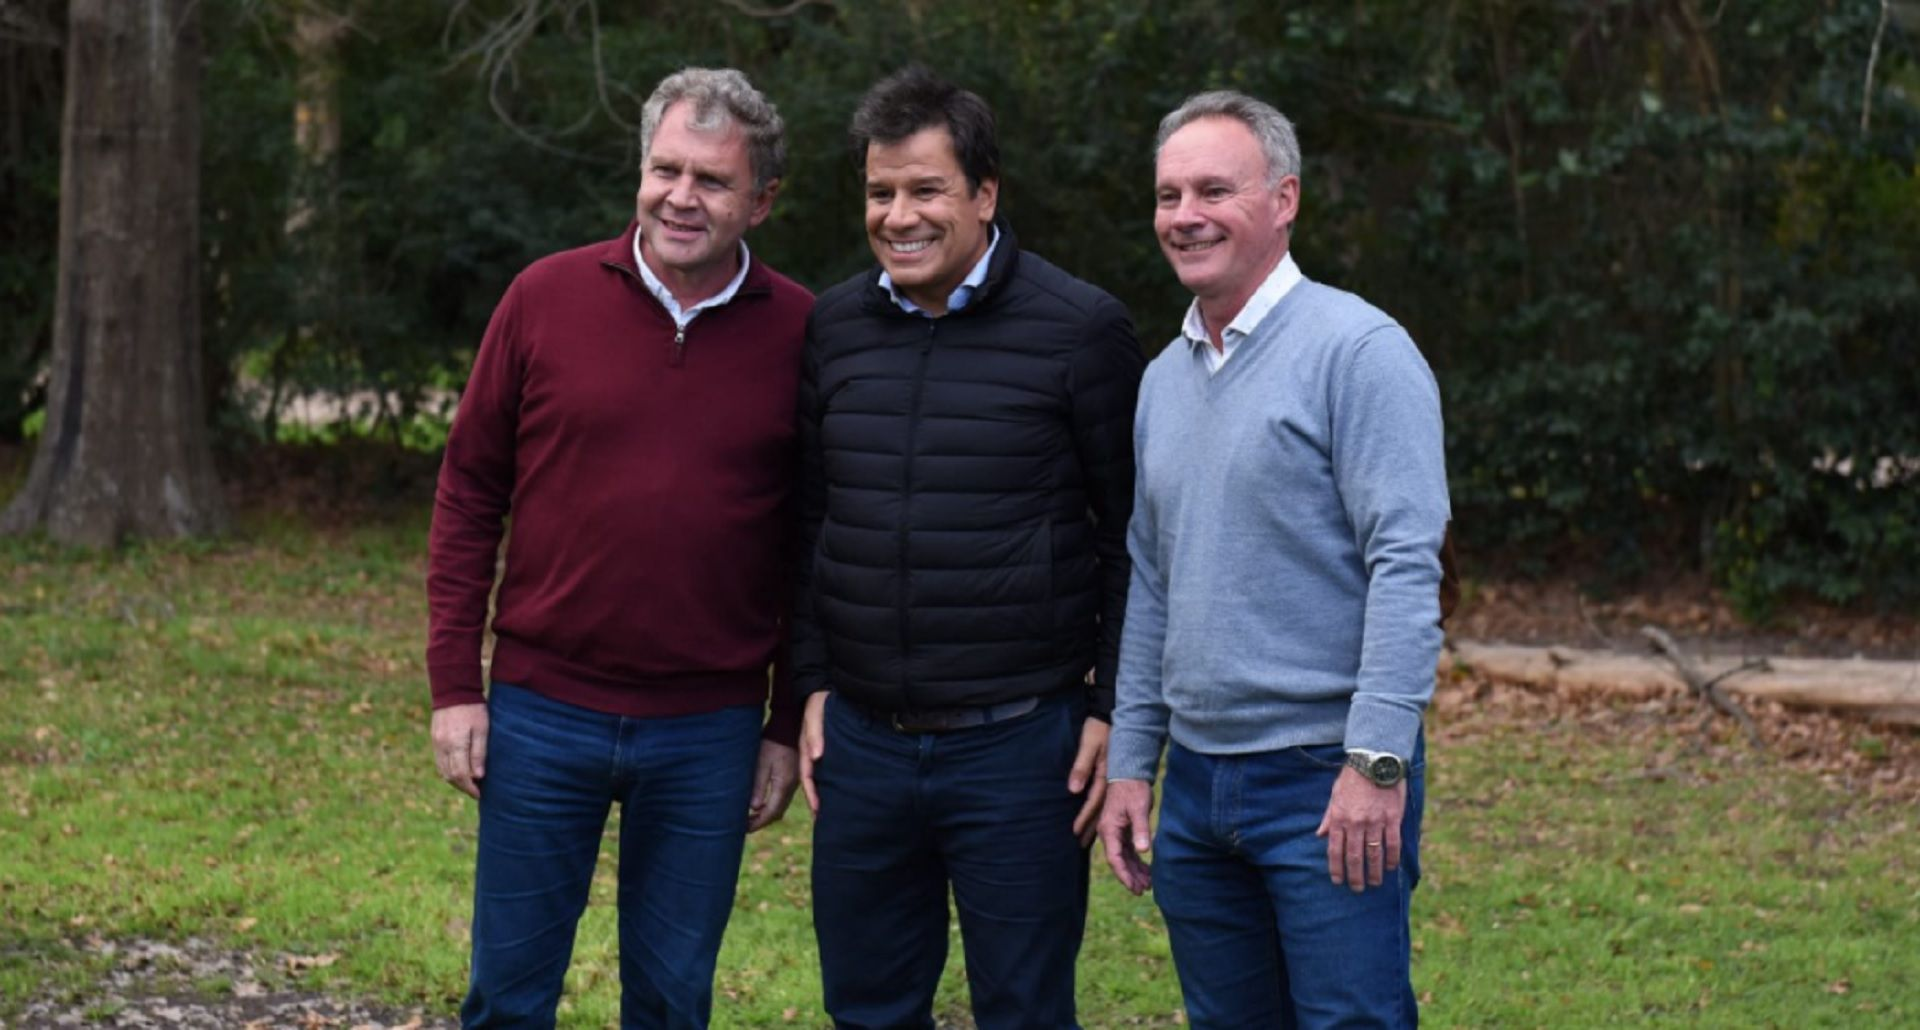 Manes con Pedro Galimberti y Darío Schneider, los precandidatos opositores a Frigerio